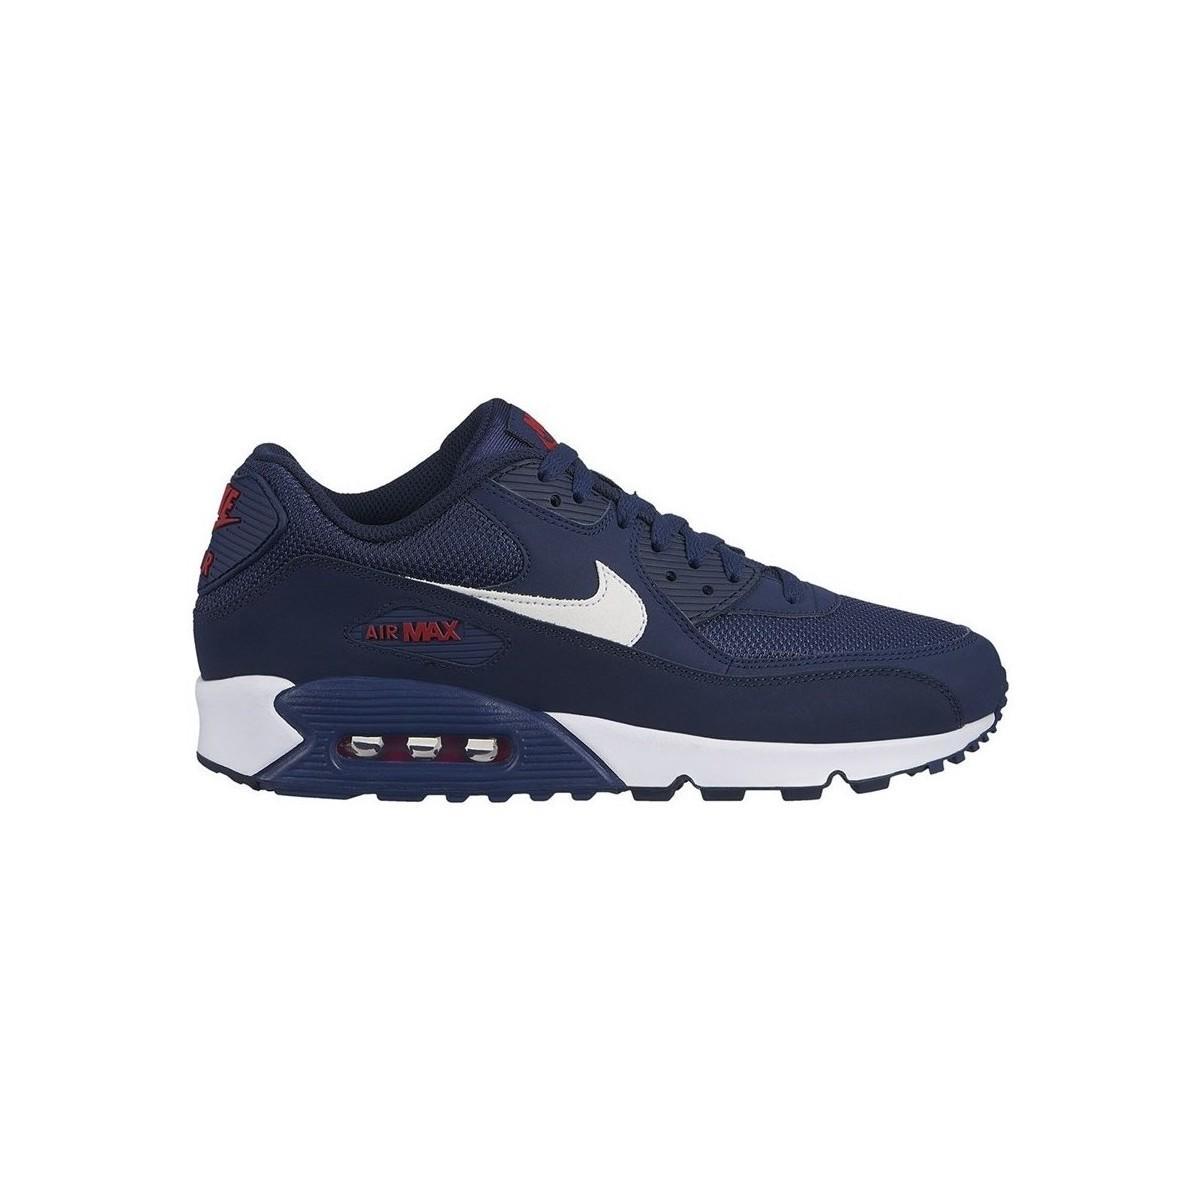 Air Max 90 Essential hommes Chaussures en multicolor Nike pour ...